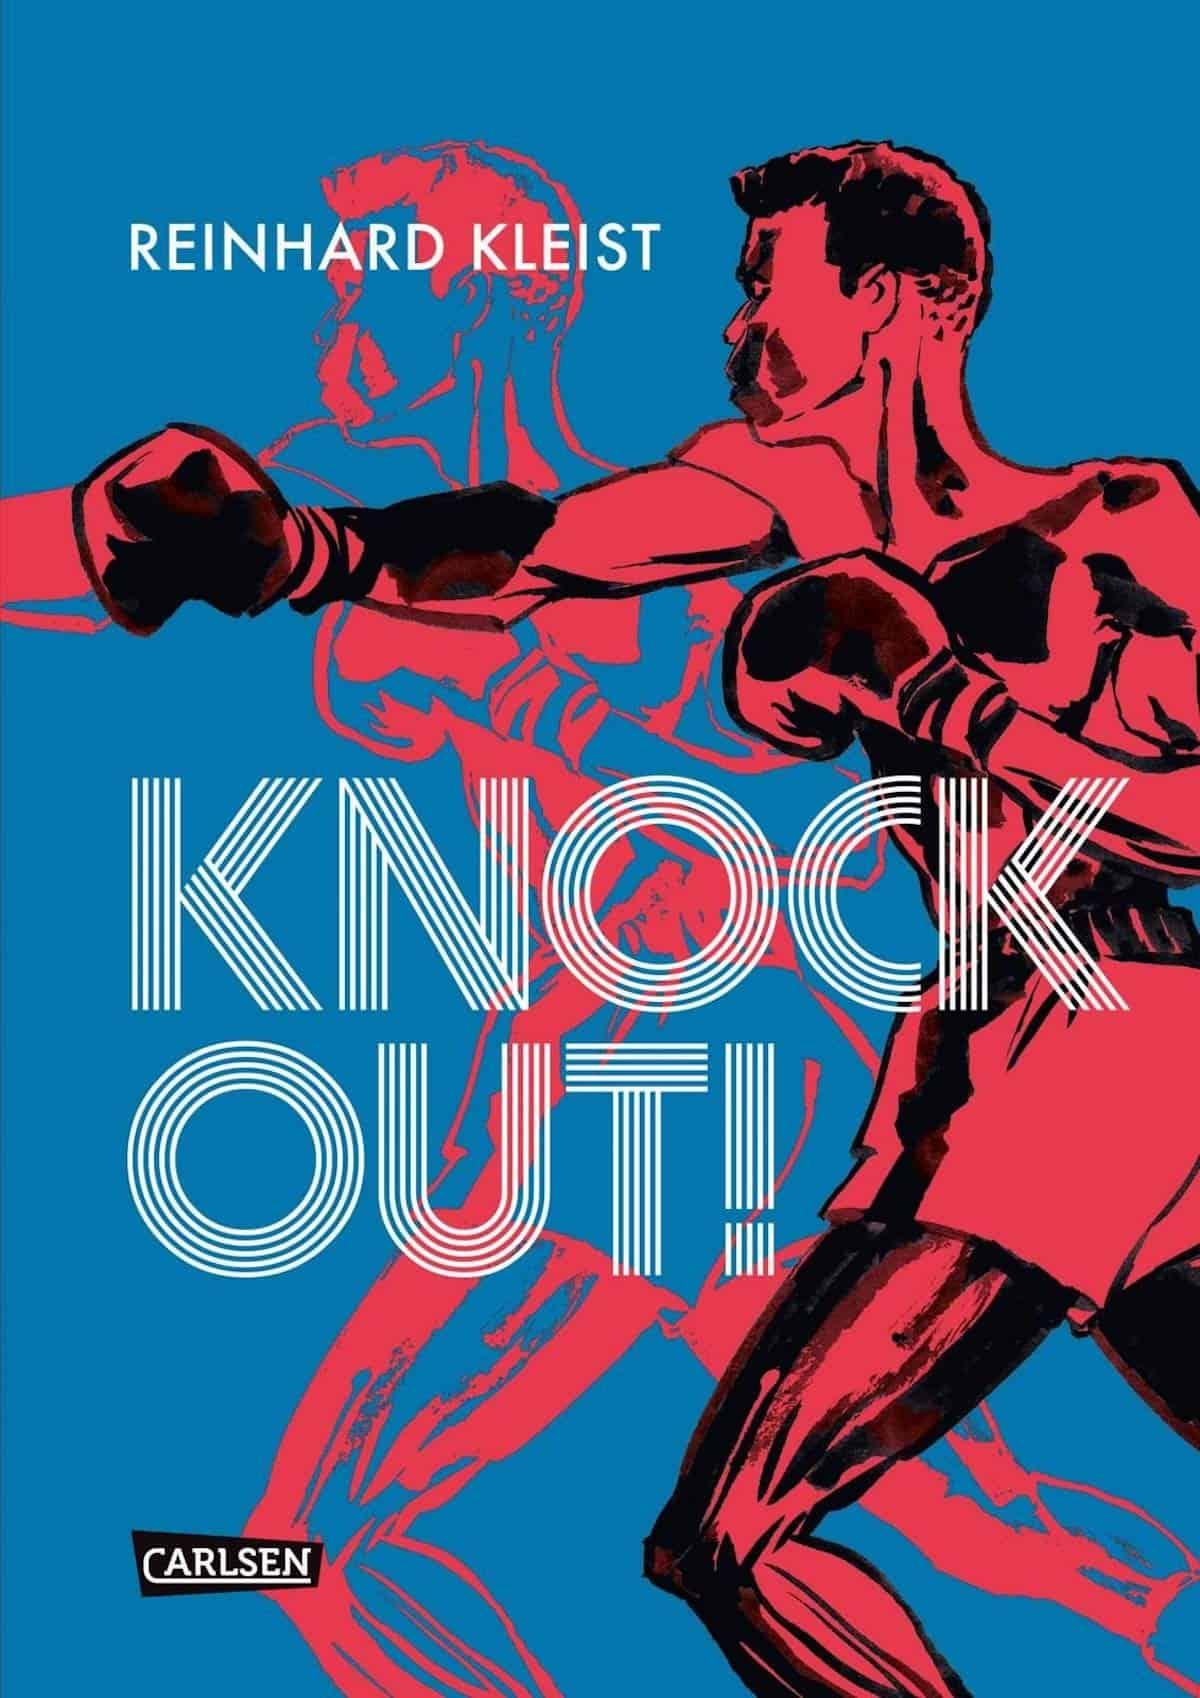 Reinhard Kleist knock out migliori fumetti 2019 germania